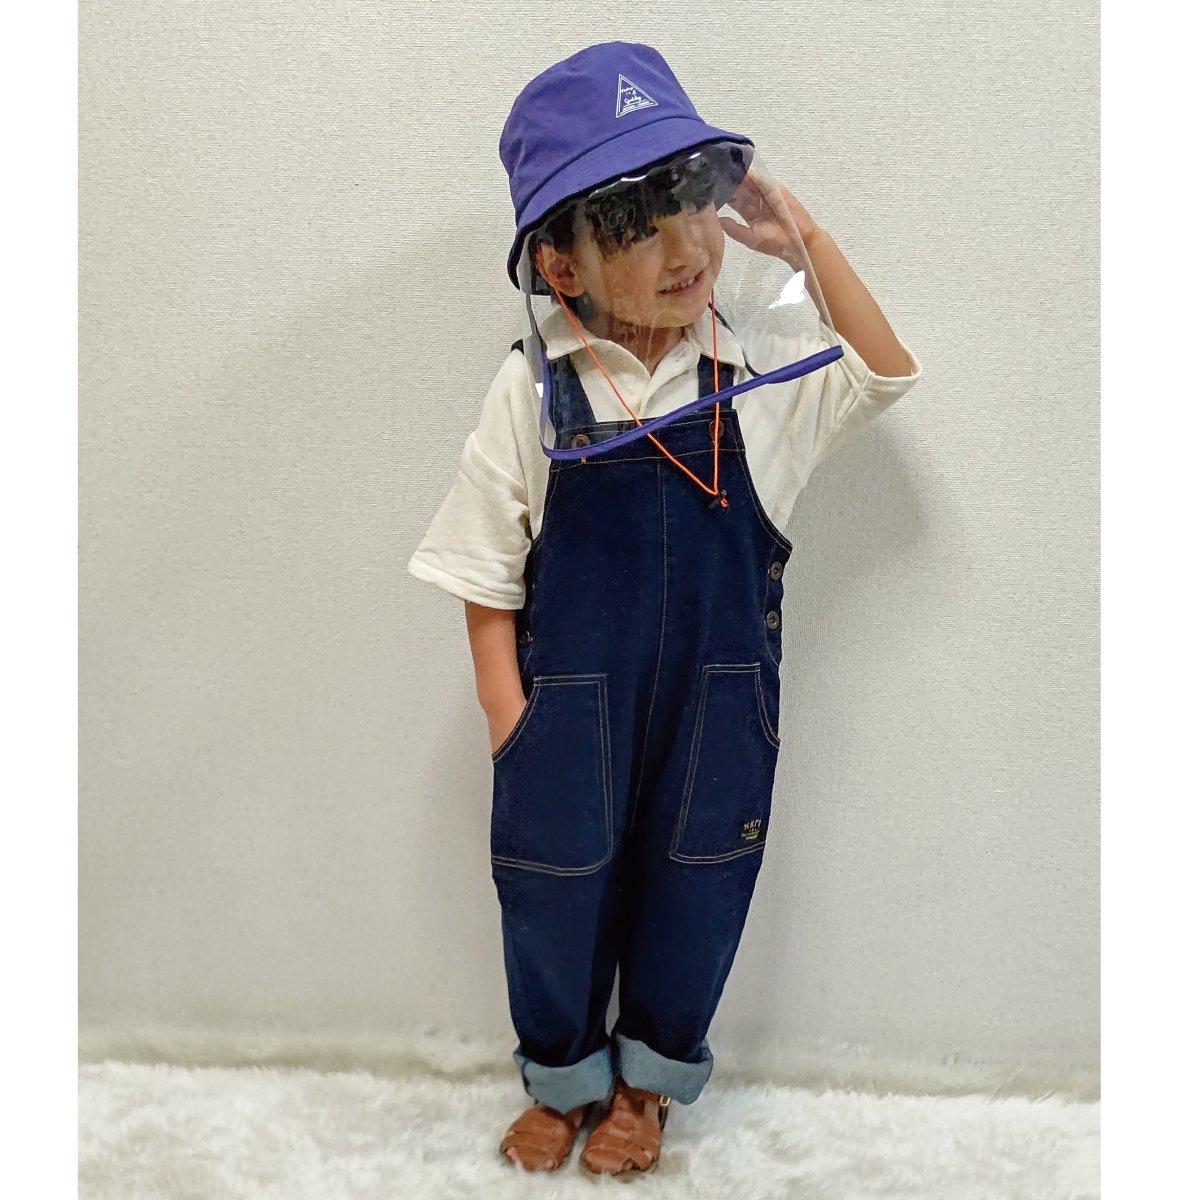 【KIDS】Kids Obey Hat 詳細画像31